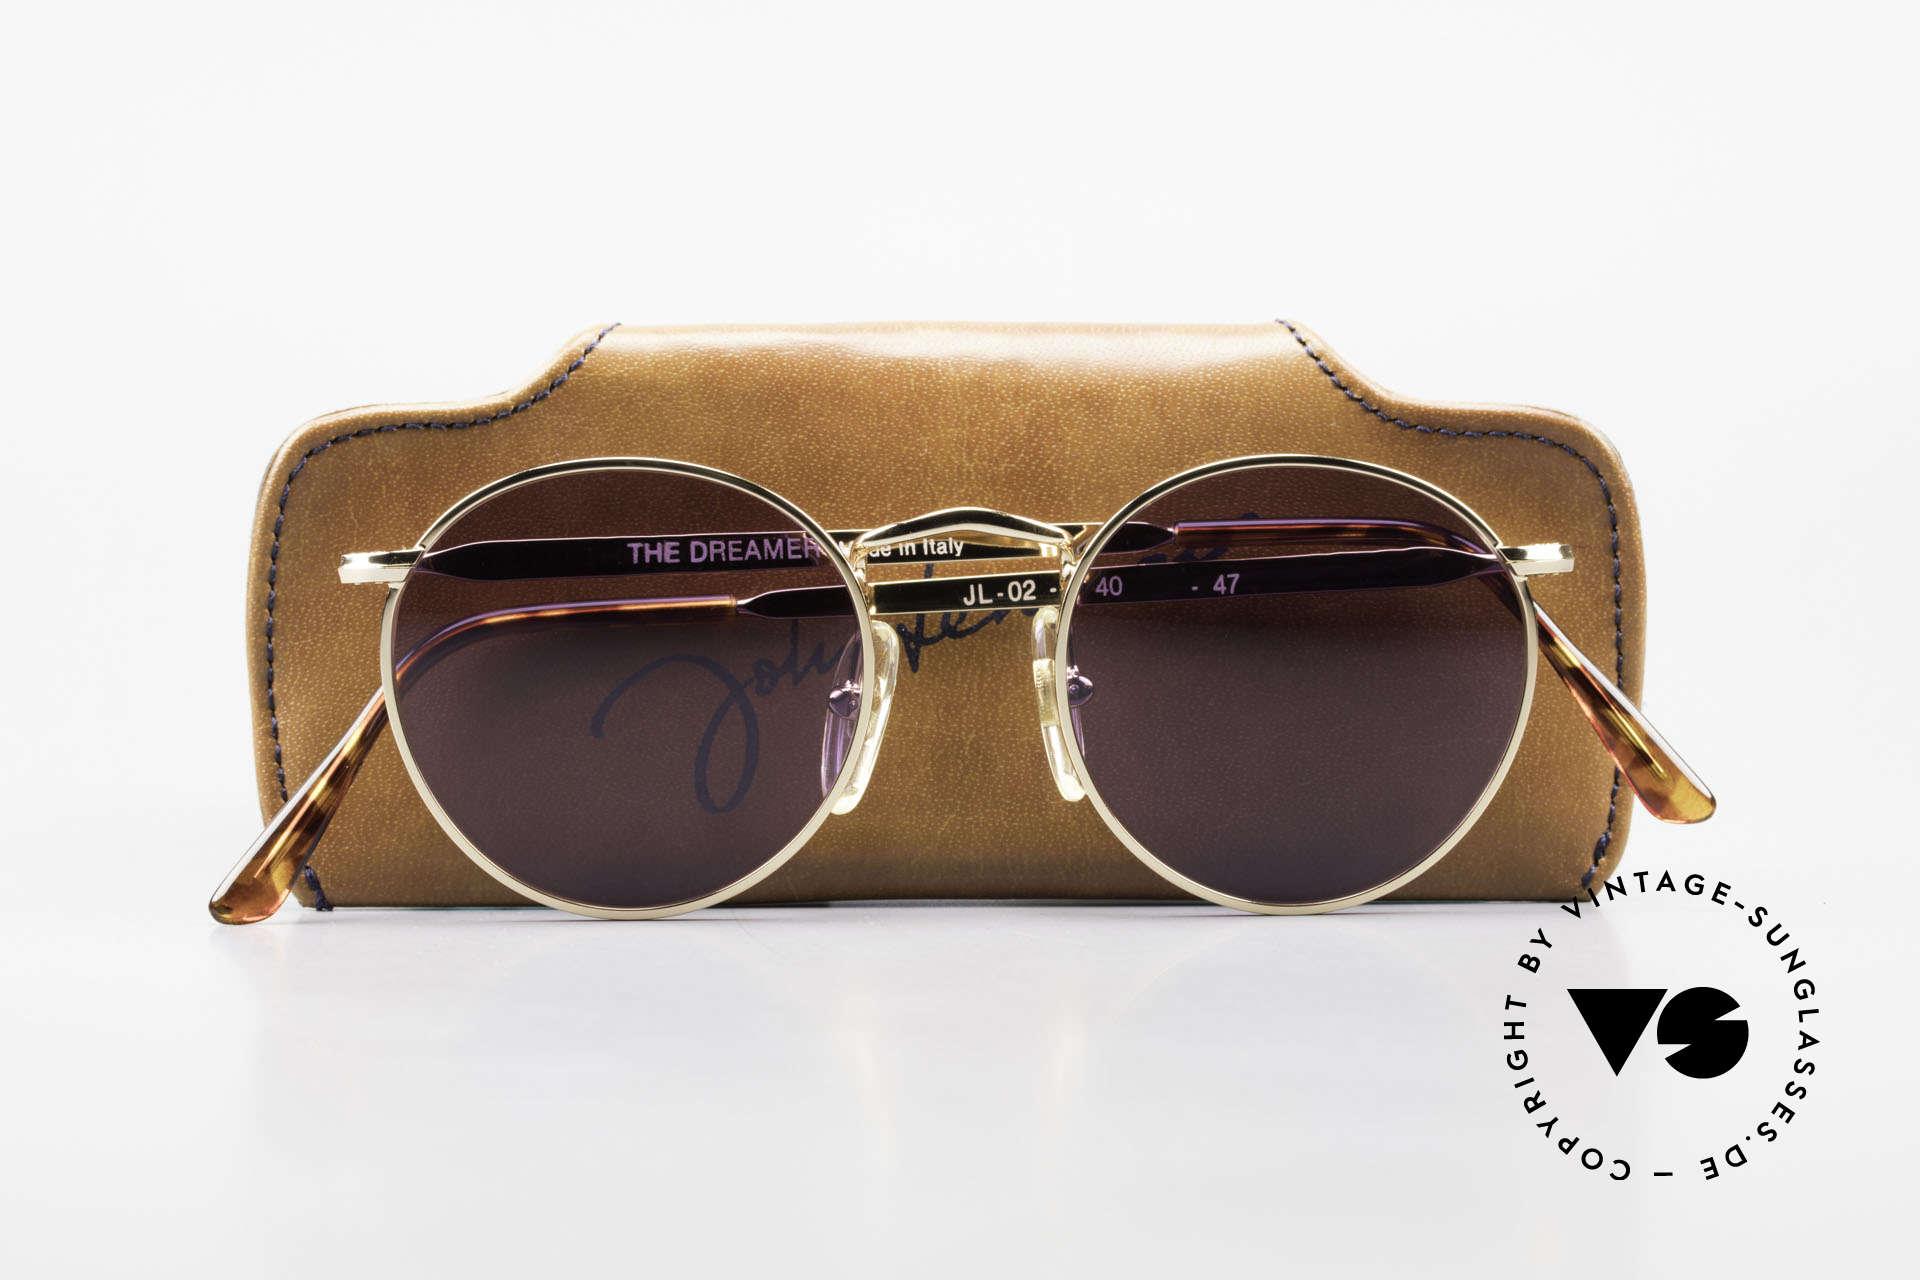 John Lennon - The Dreamer Extra Small Panto Sunglasses, never worn (like all our vintage John Lennon sunglasses), Made for Men and Women